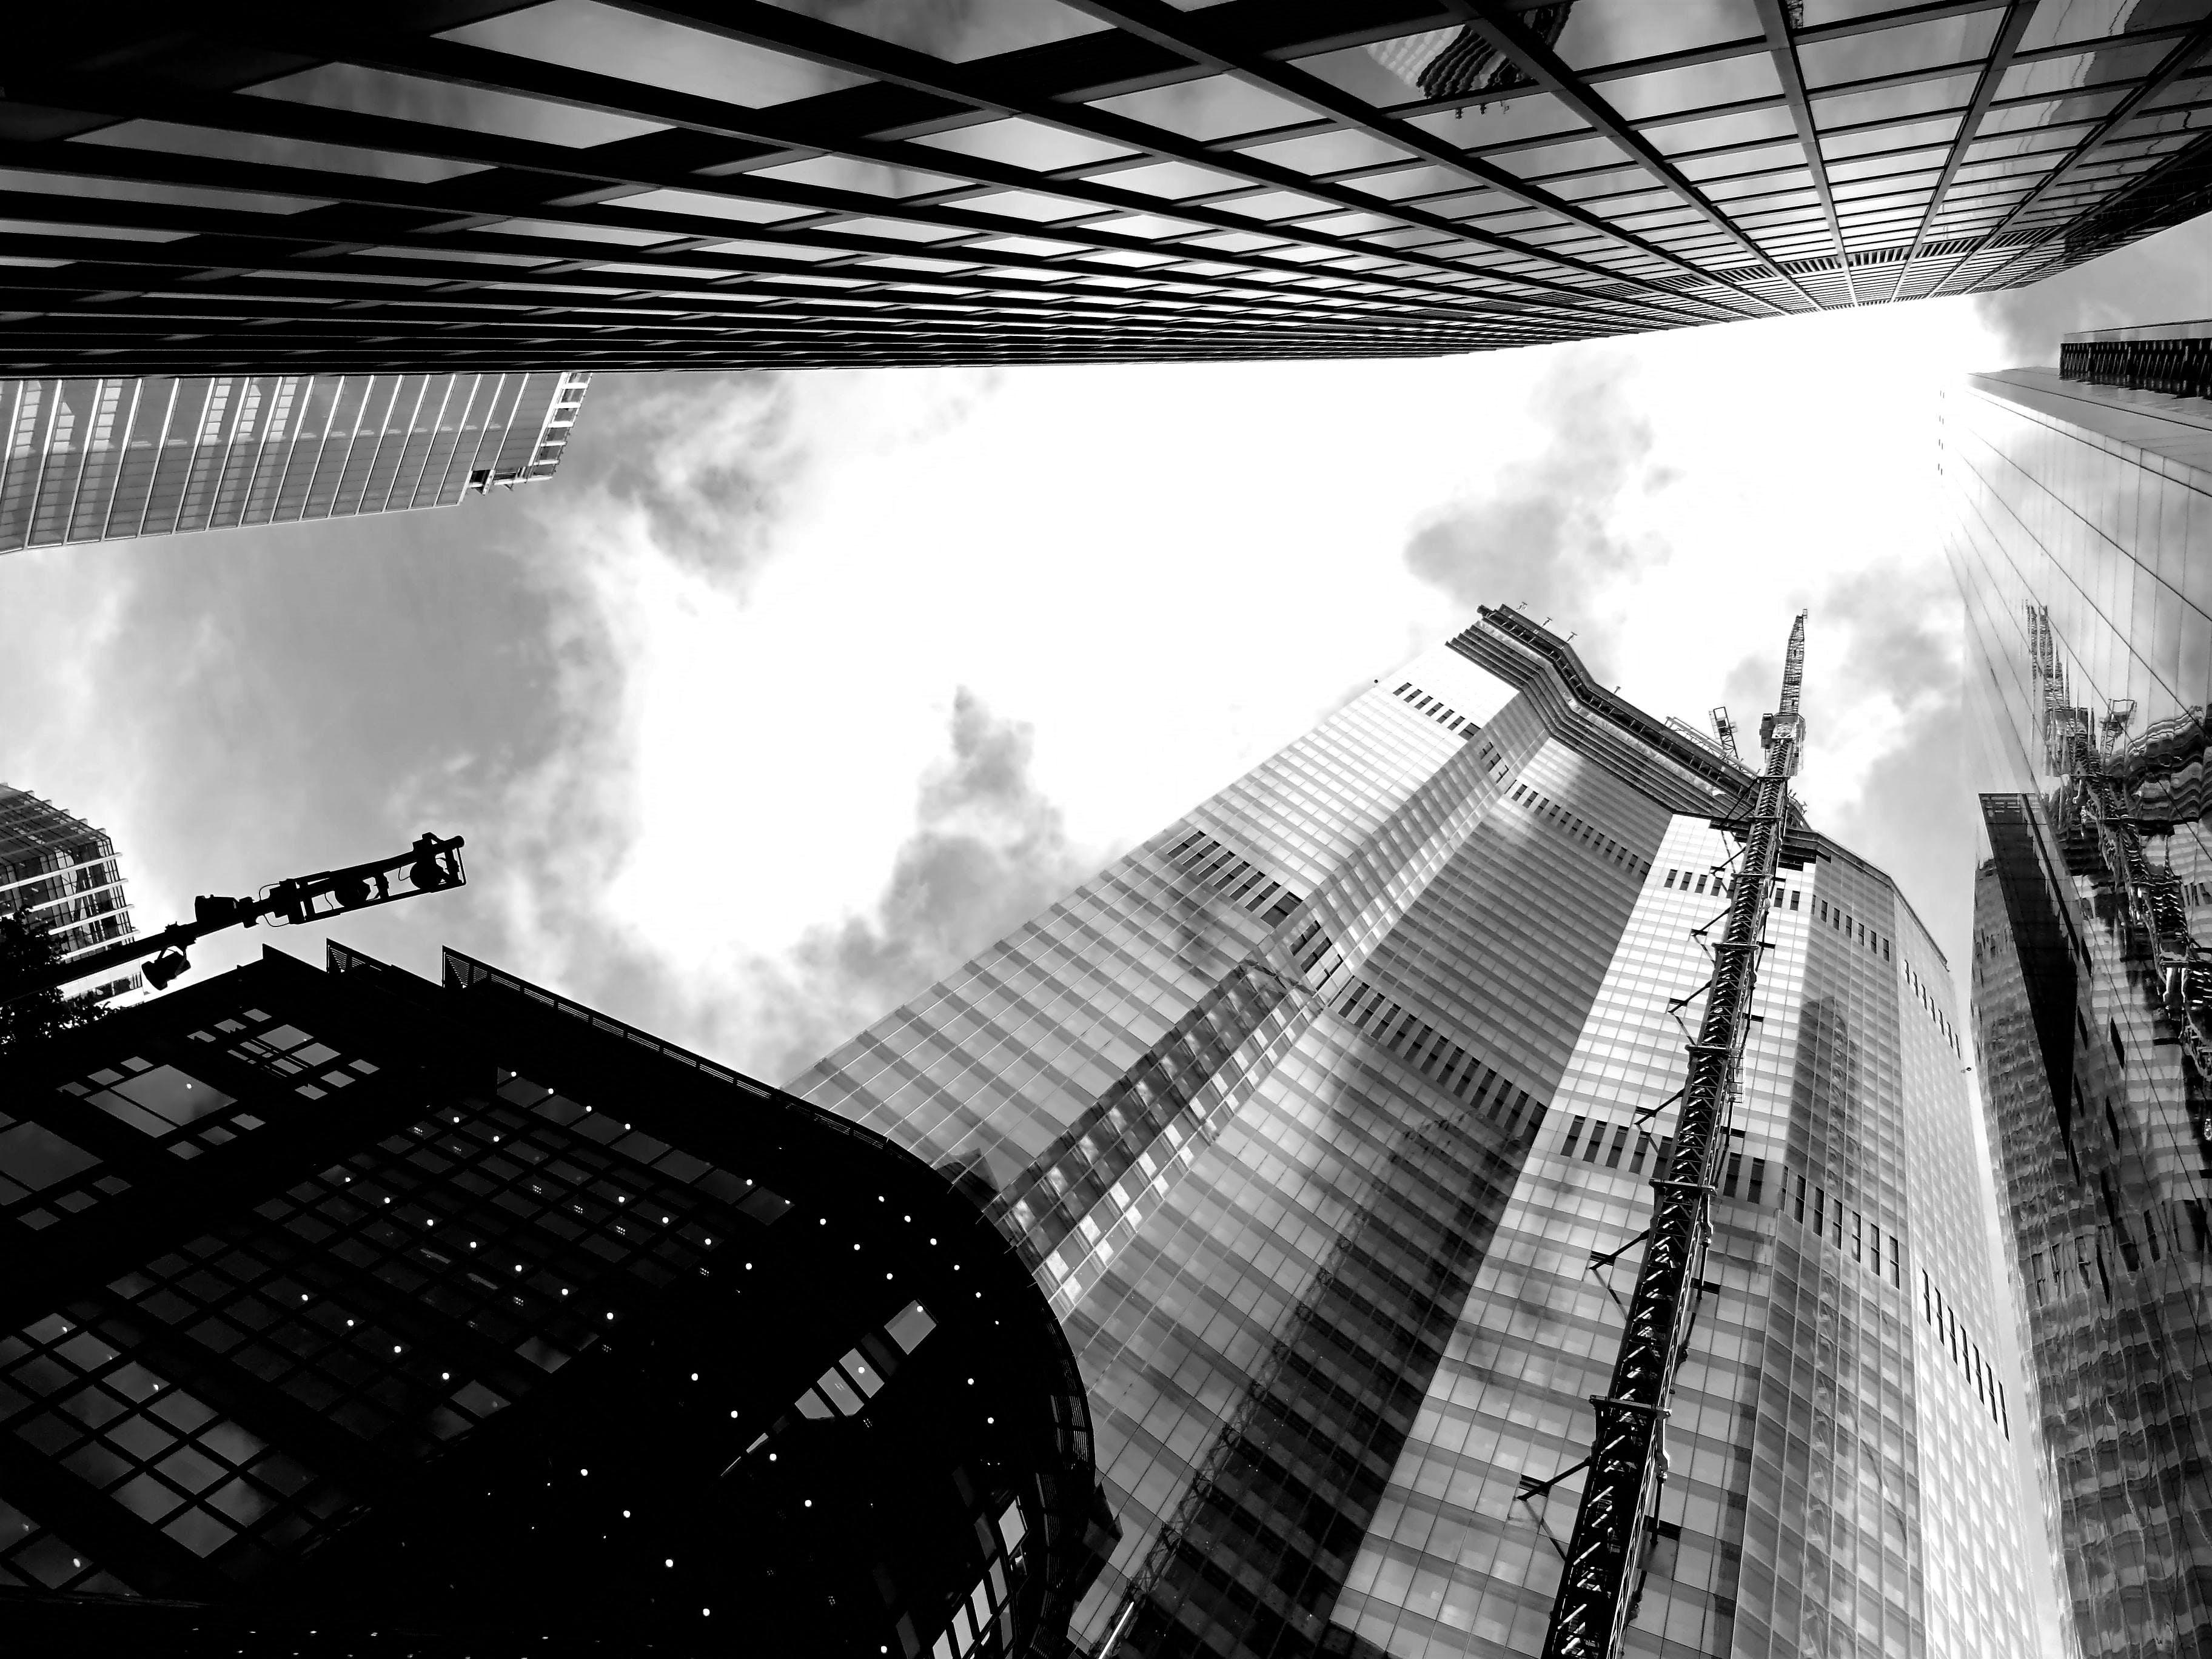 de arquitectura, blanco y negro, céntrico, ciudad